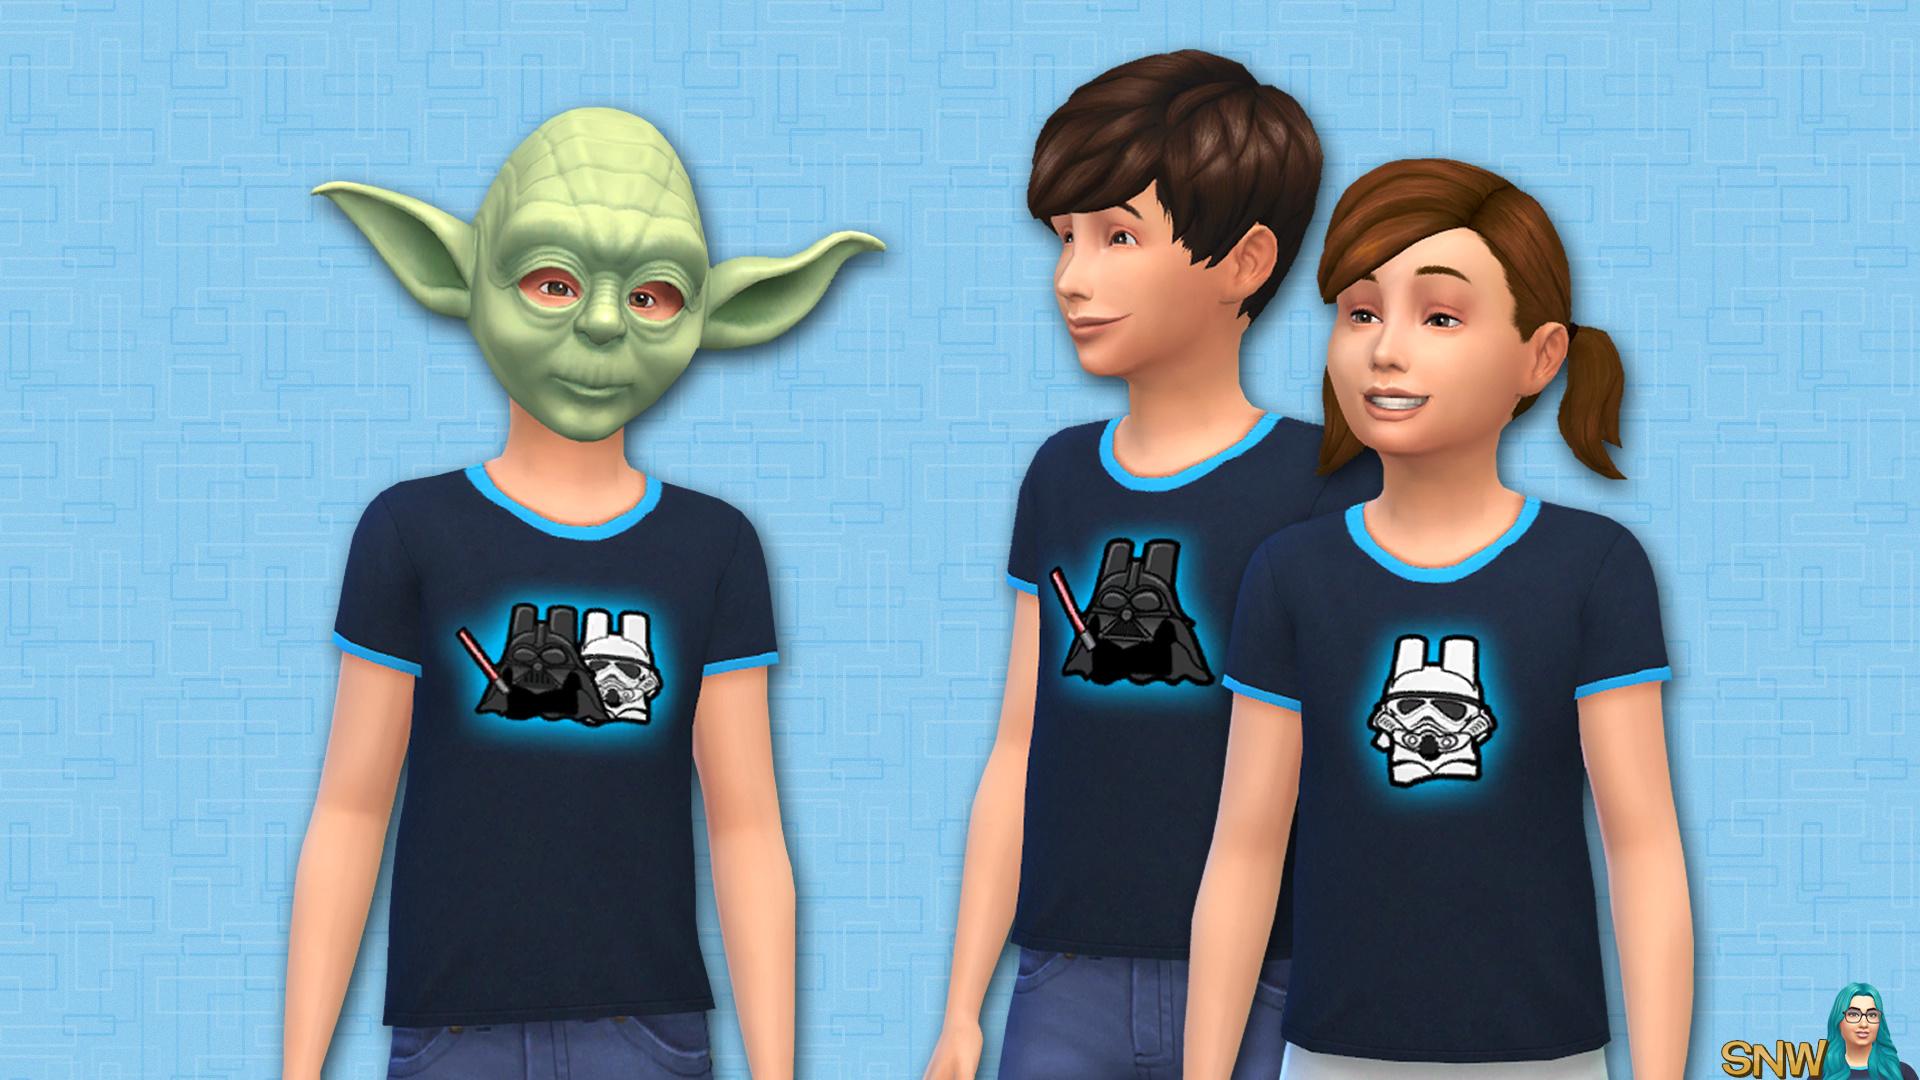 Star Wars shirt (unisex kids)